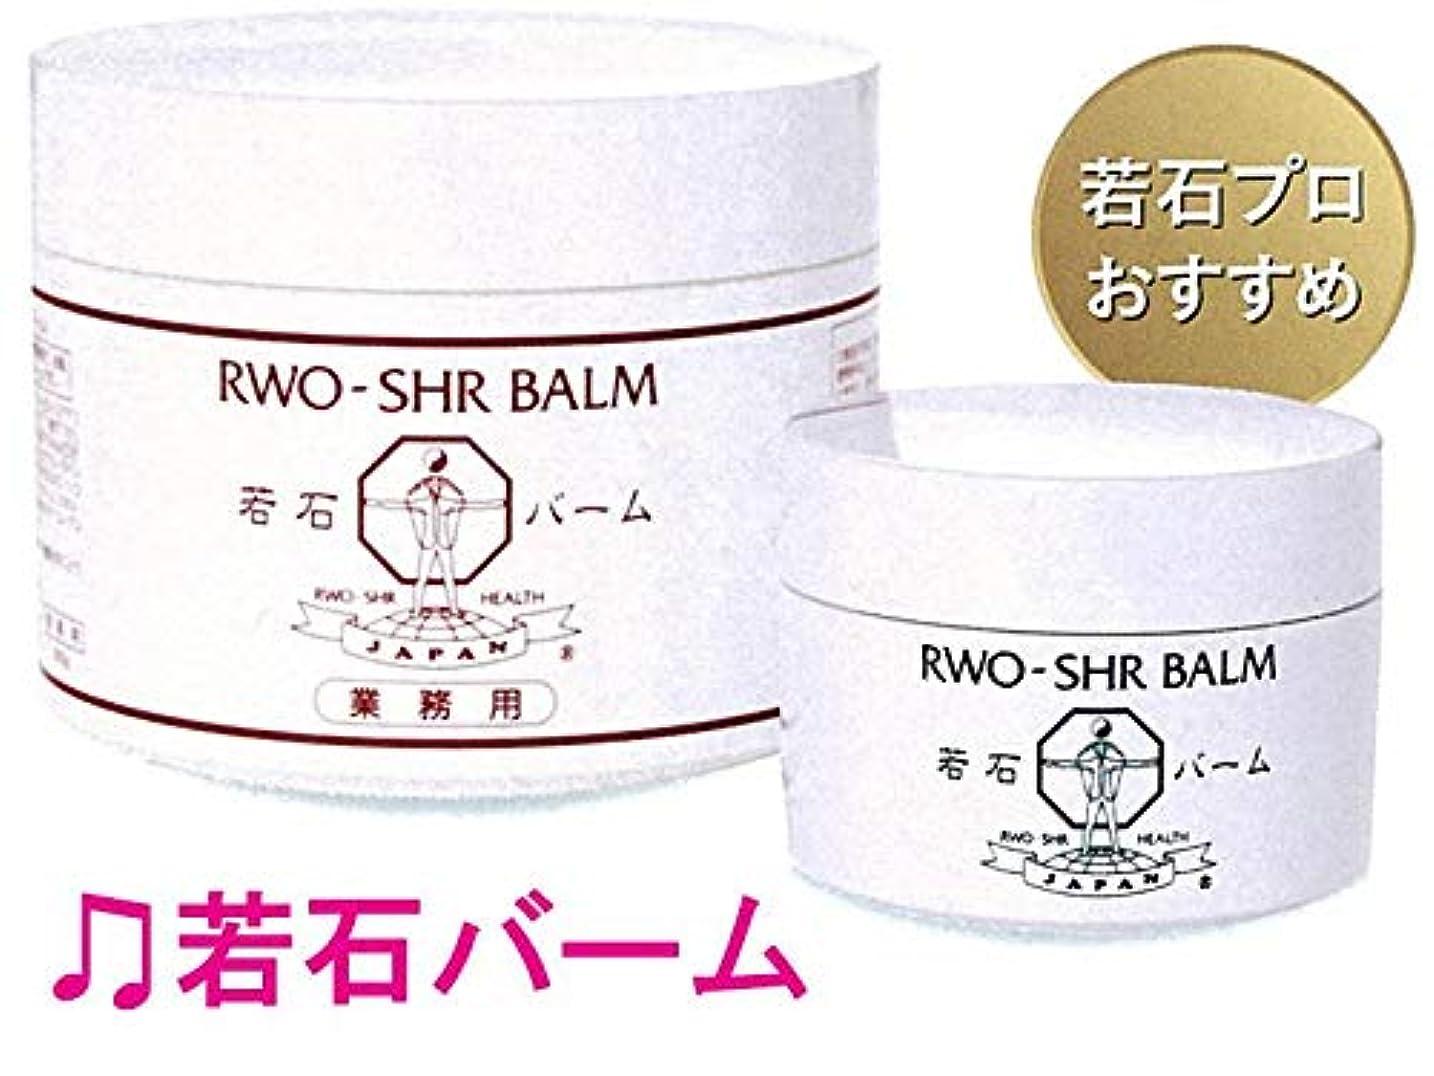 スペシャリスト節約するごみ若石バーム(250g) RWO-SHR BALM 国際若石健康研究会正規品